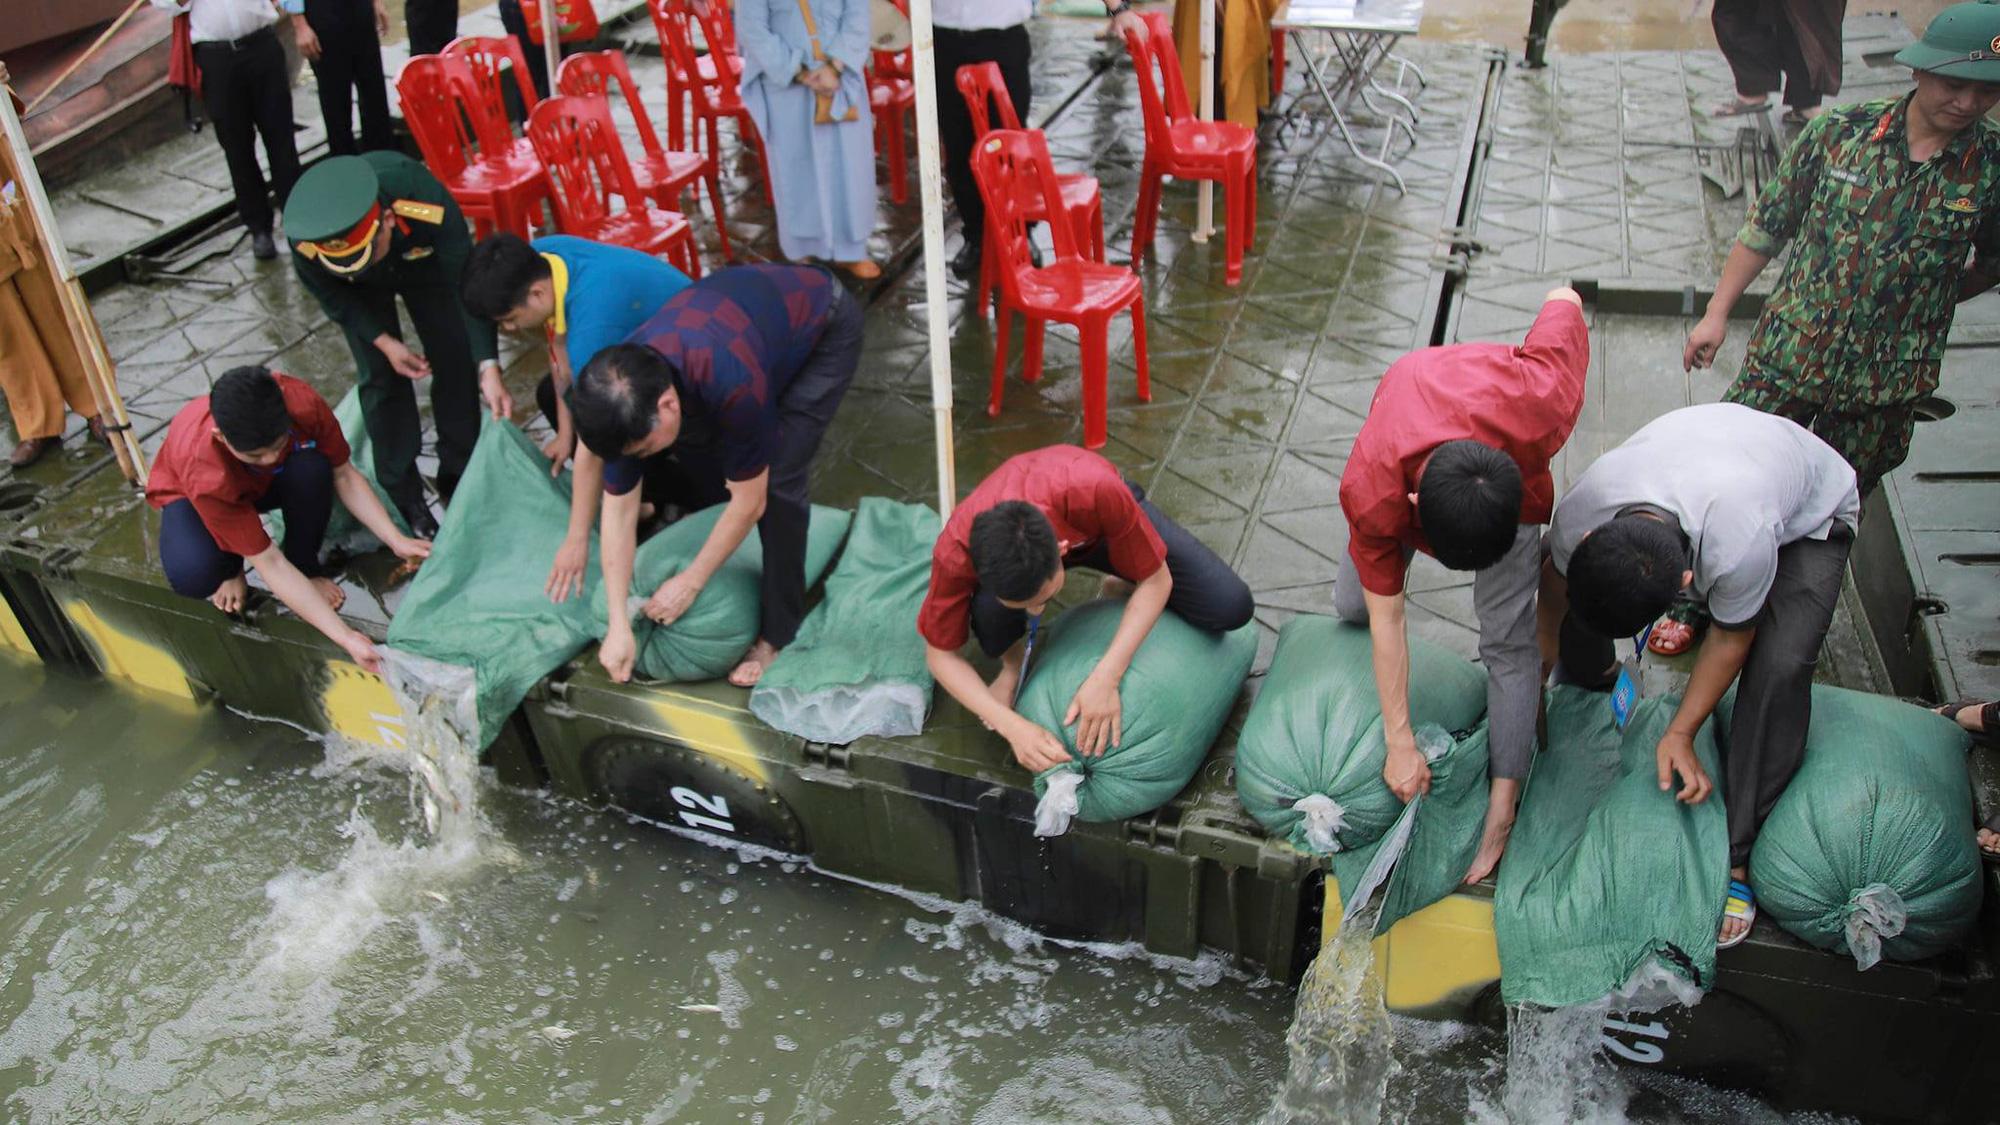 Hơn 10 tấn cá được phóng sinh trên quê hương Bác Hồ - Ảnh 8.